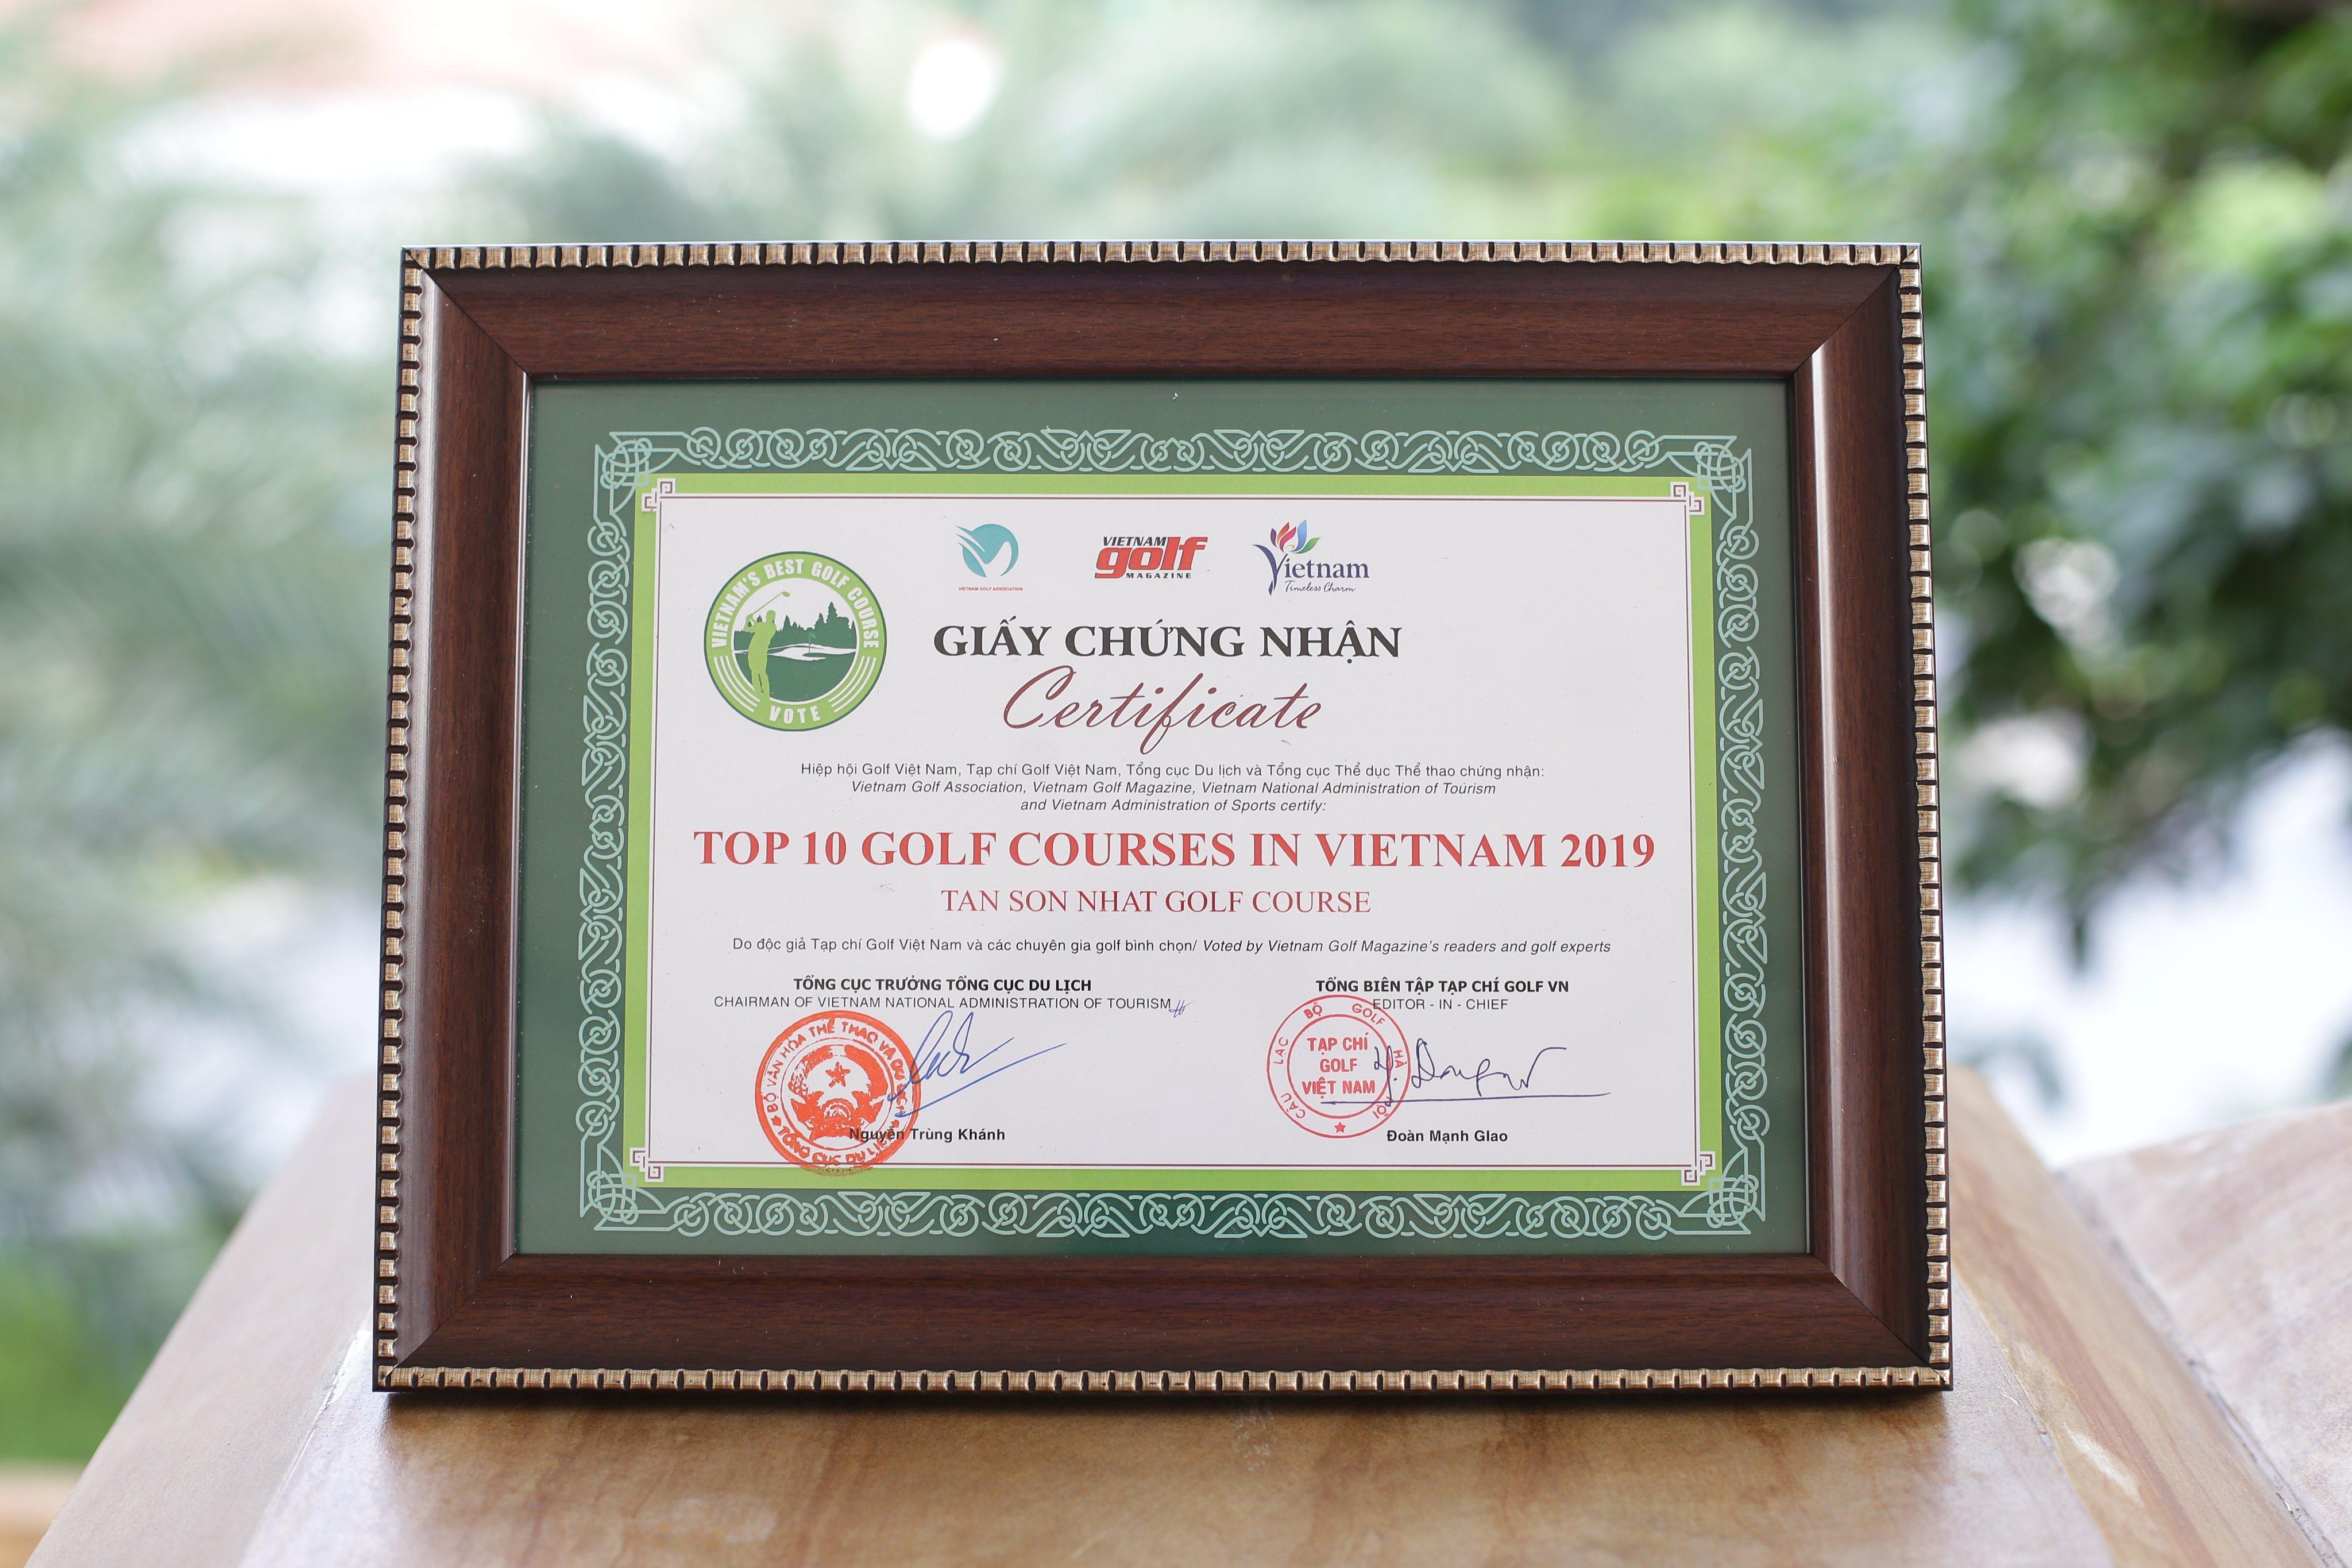 """Sân Golf Tân Sơn Nhất đạt danh hiệu """"Top 10 Sân Golf Tốt Nhất Việt Nam"""" tại sự kiện """"Bình chọn sân golf tốt nhất Việt nam 2019"""